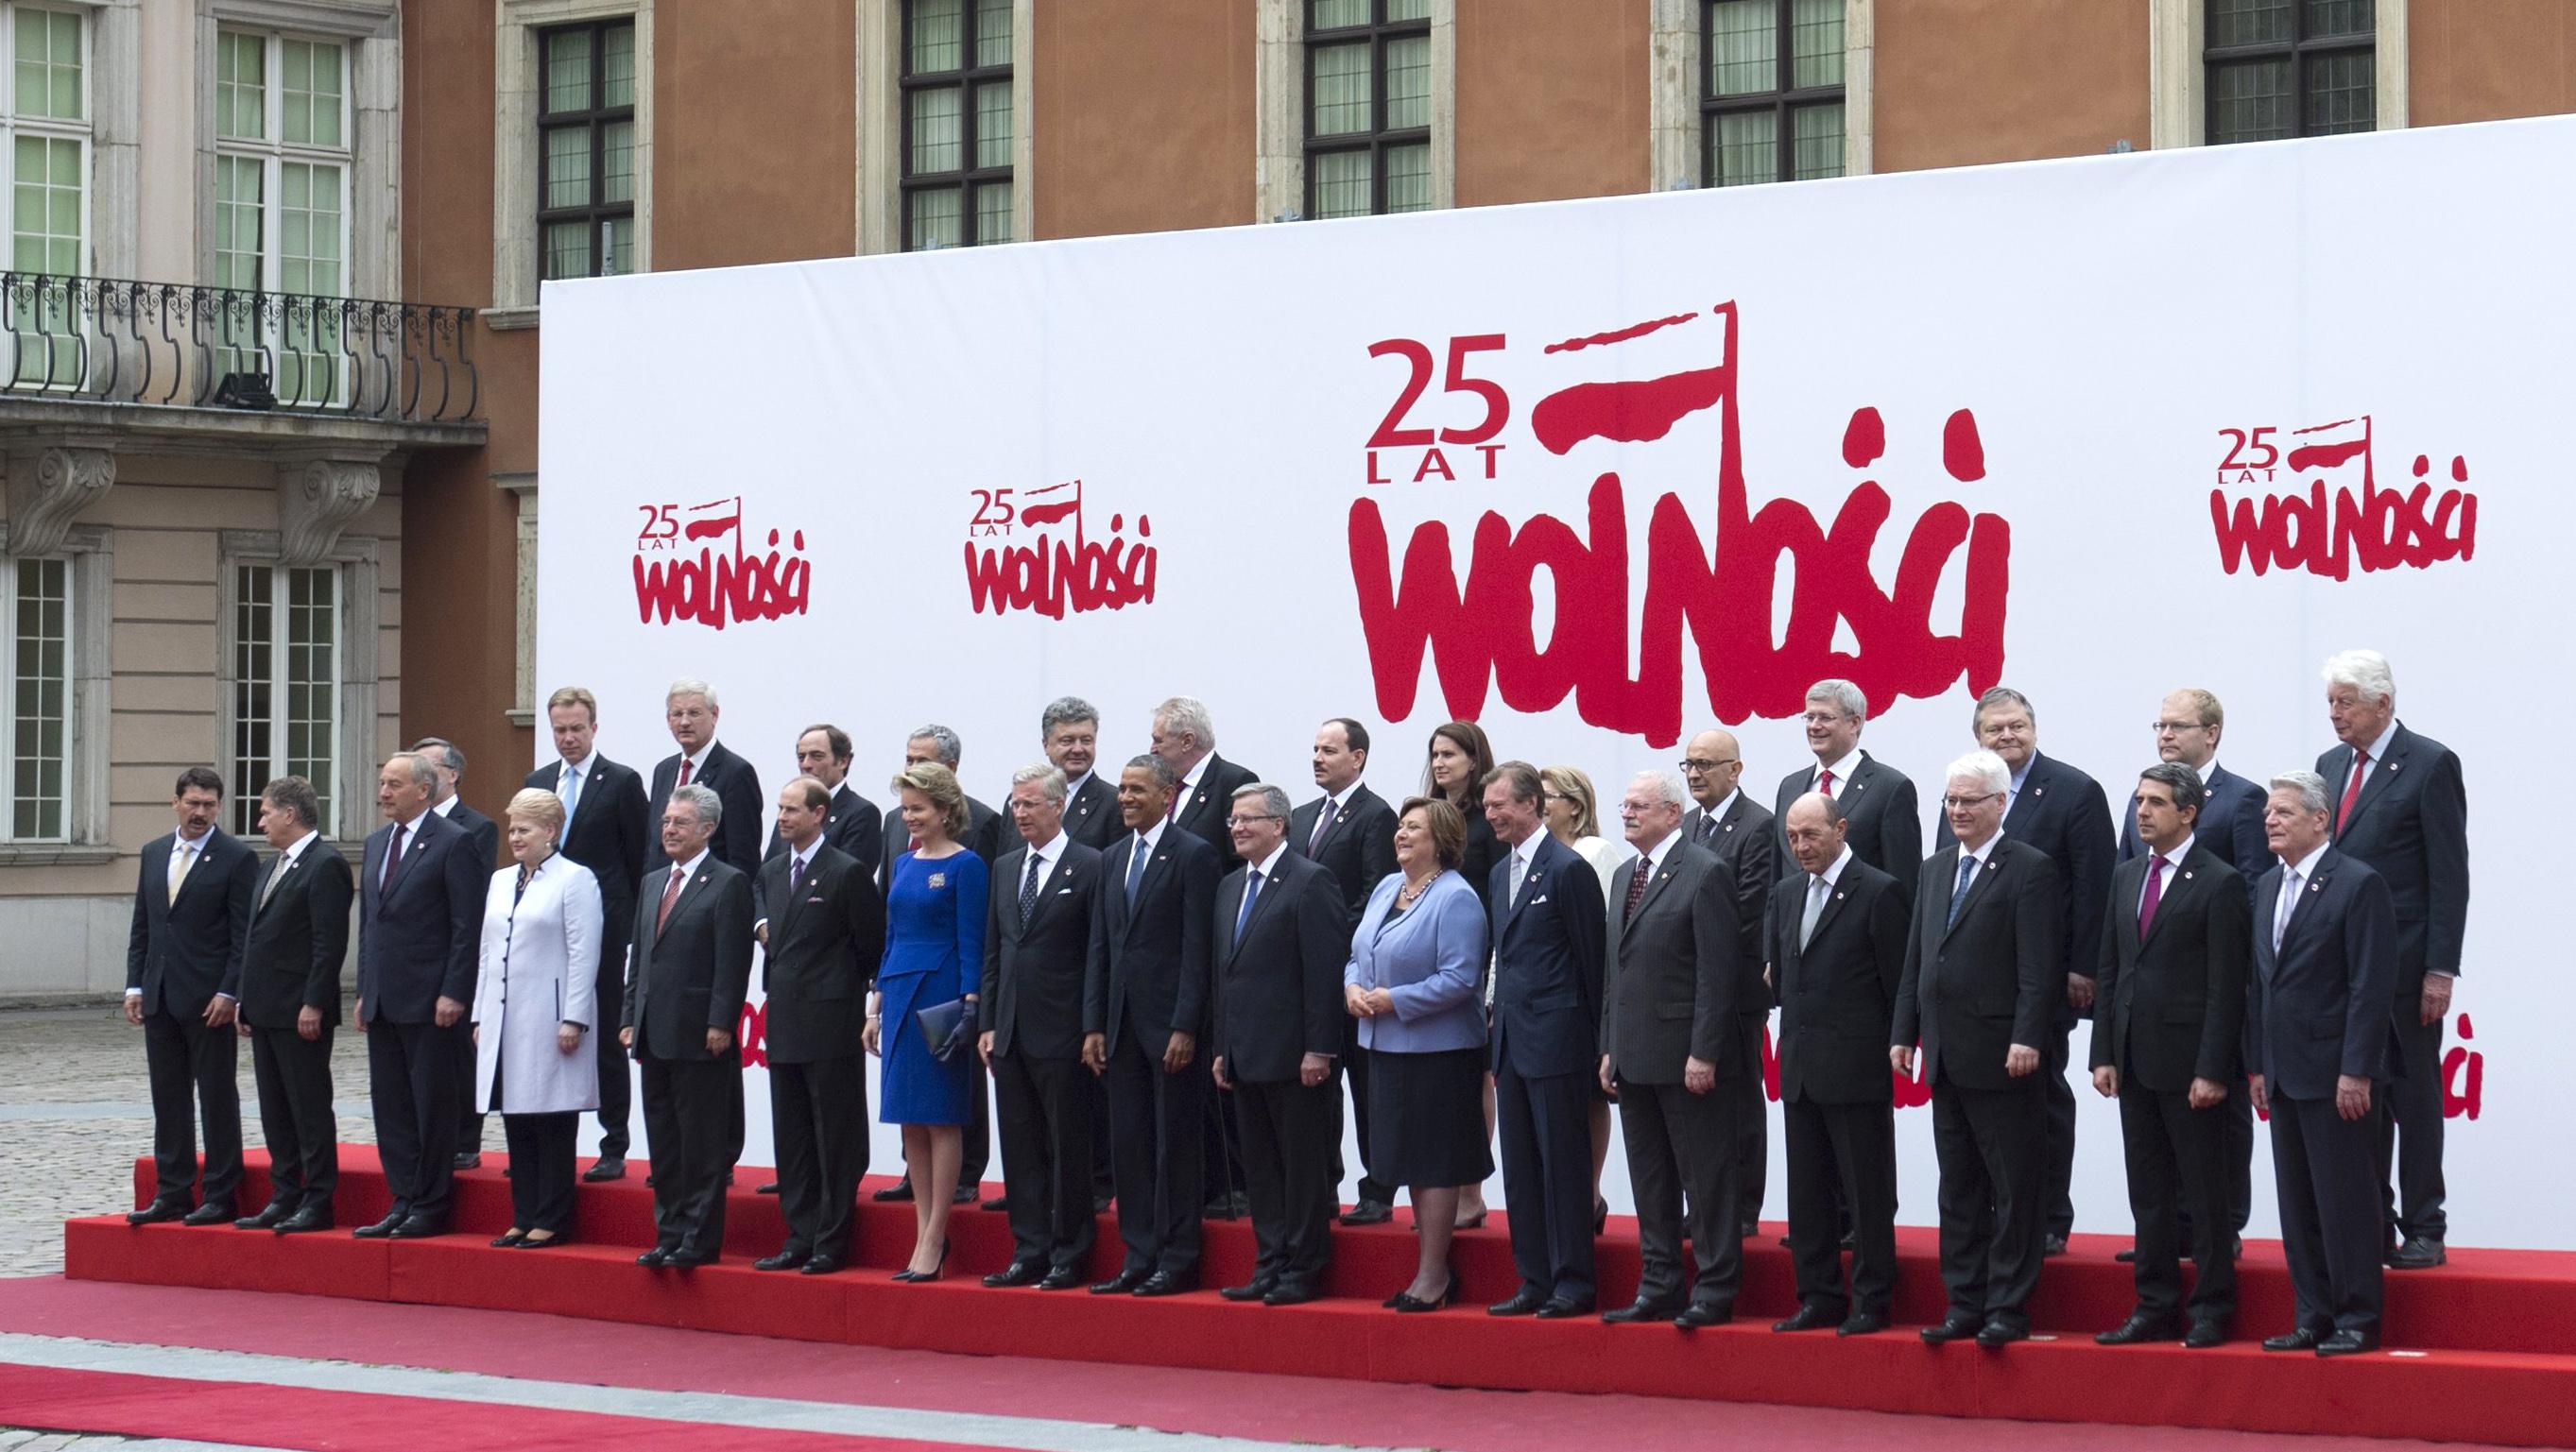 القادة المشاركون في احتفالات الذكرى 25 لأول انتخابات ديموقراطية في بولندا